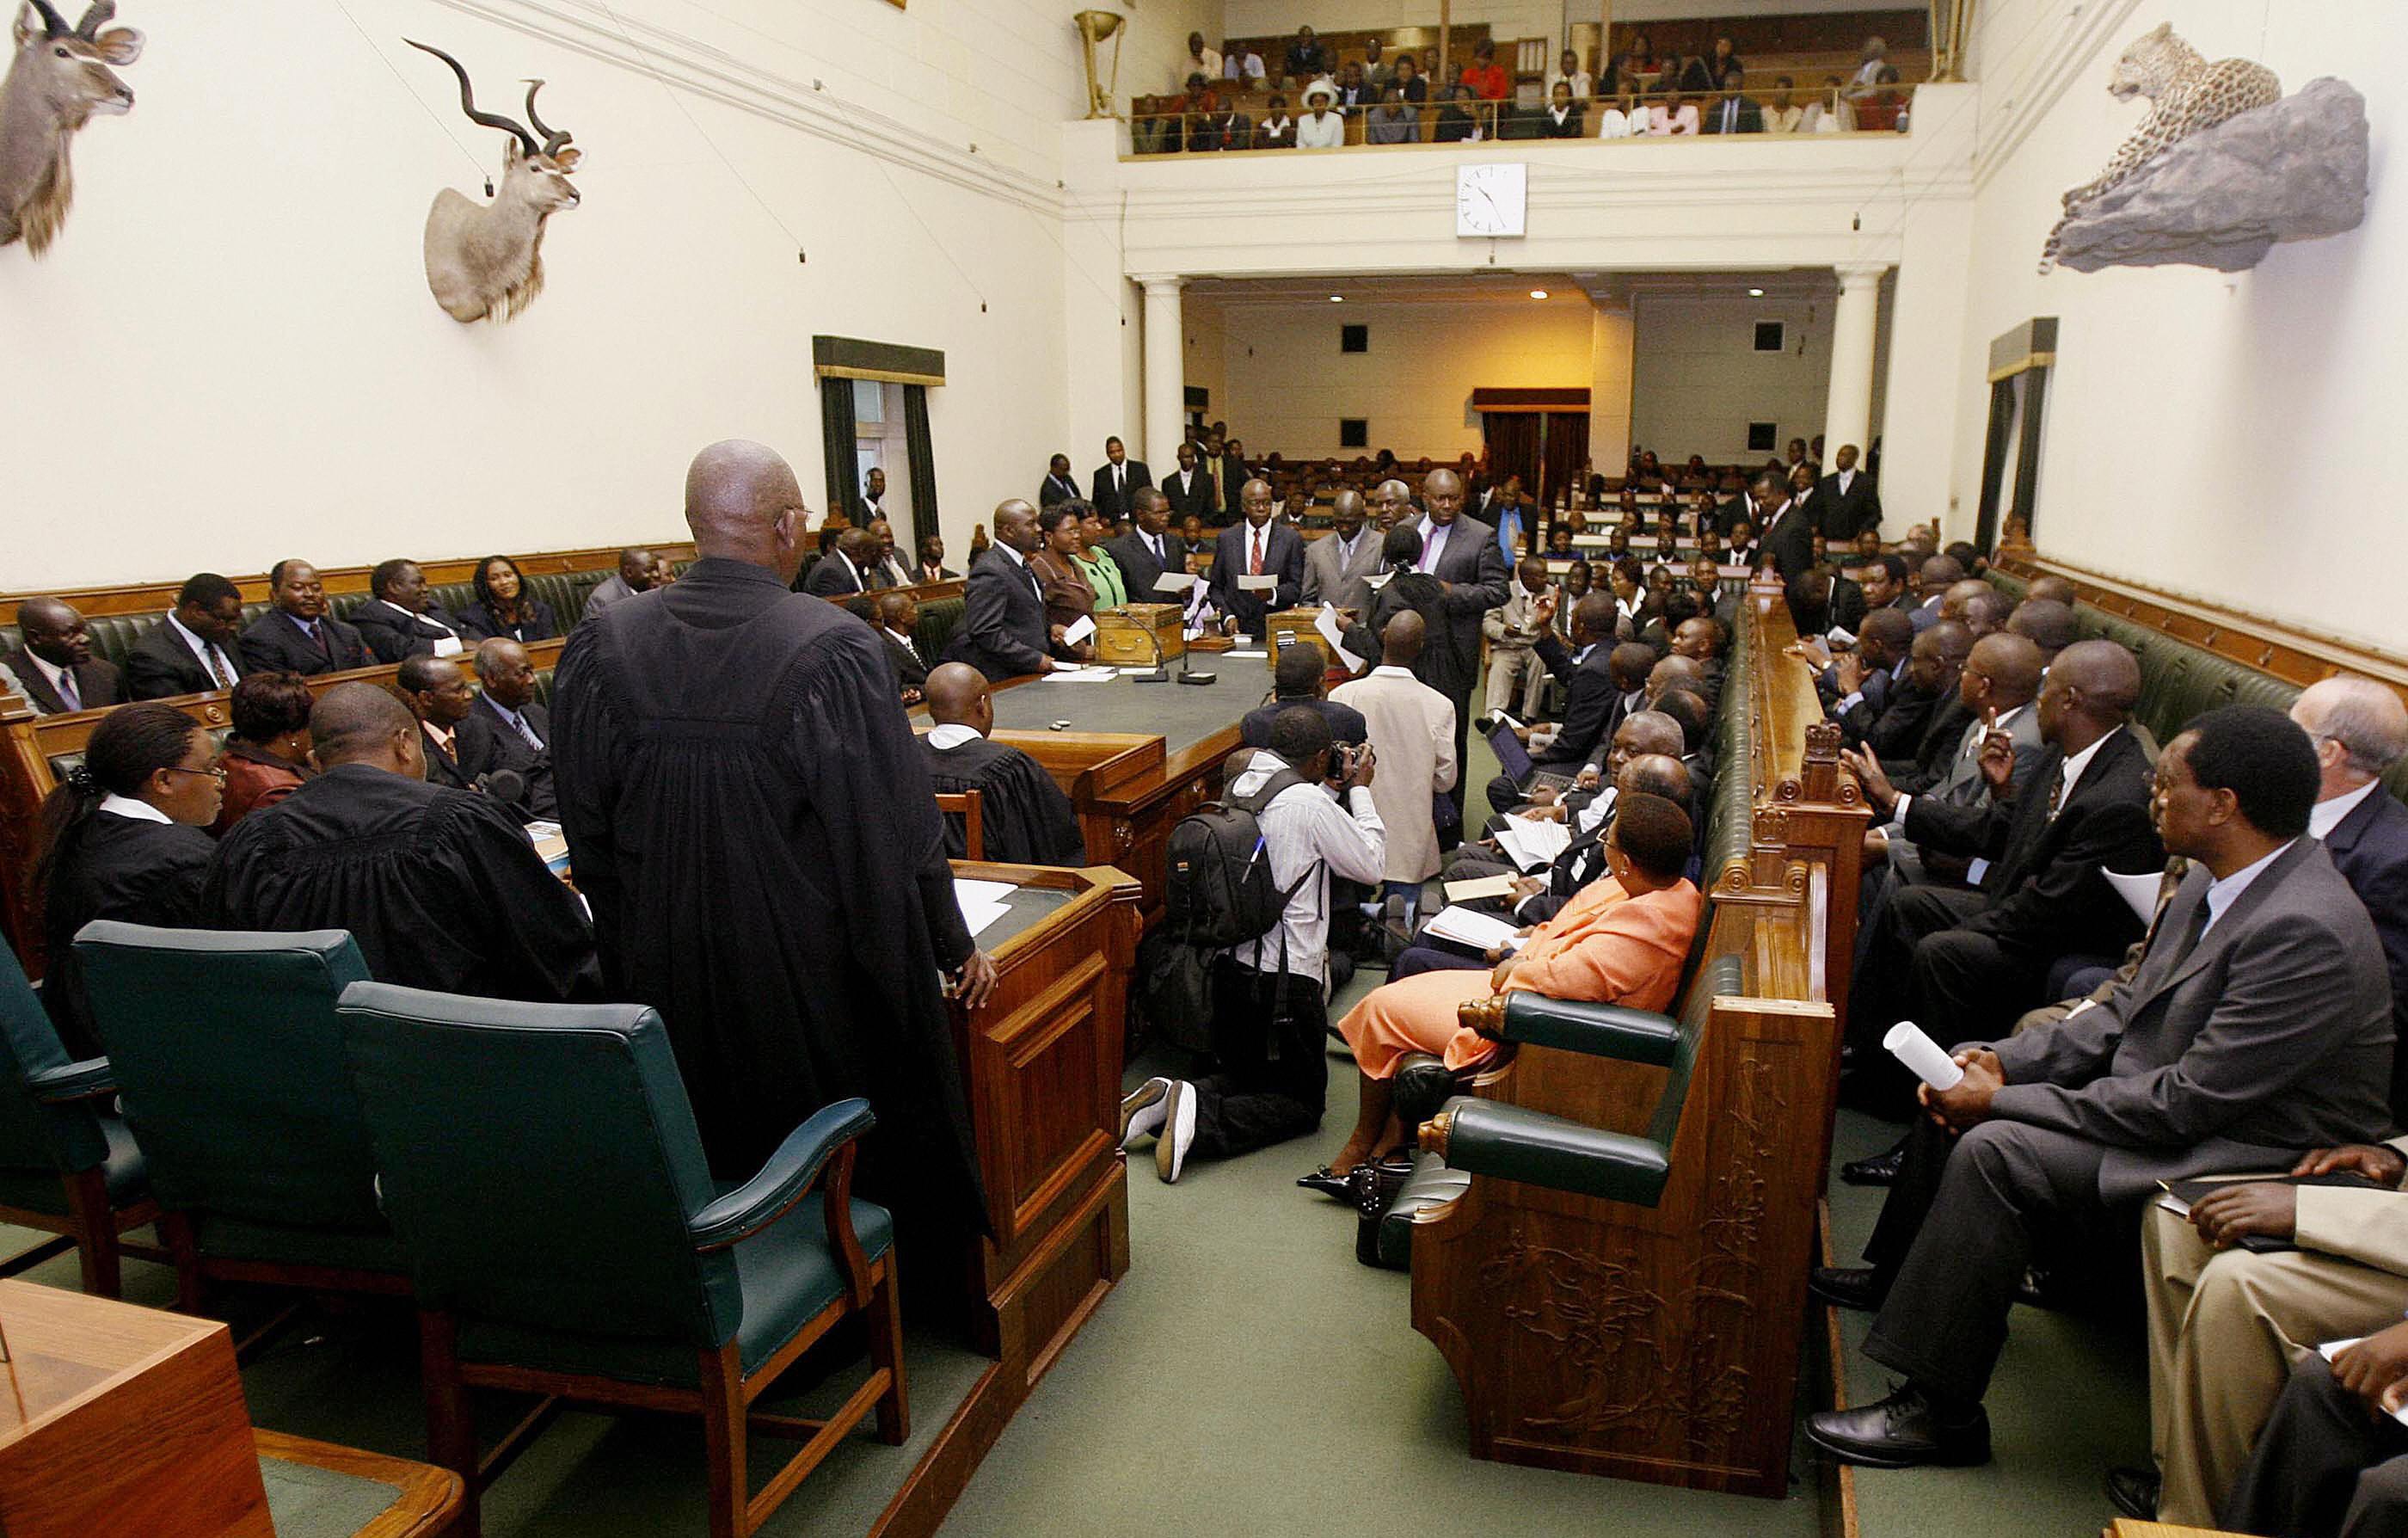 Zimbabwean members of parliament recite